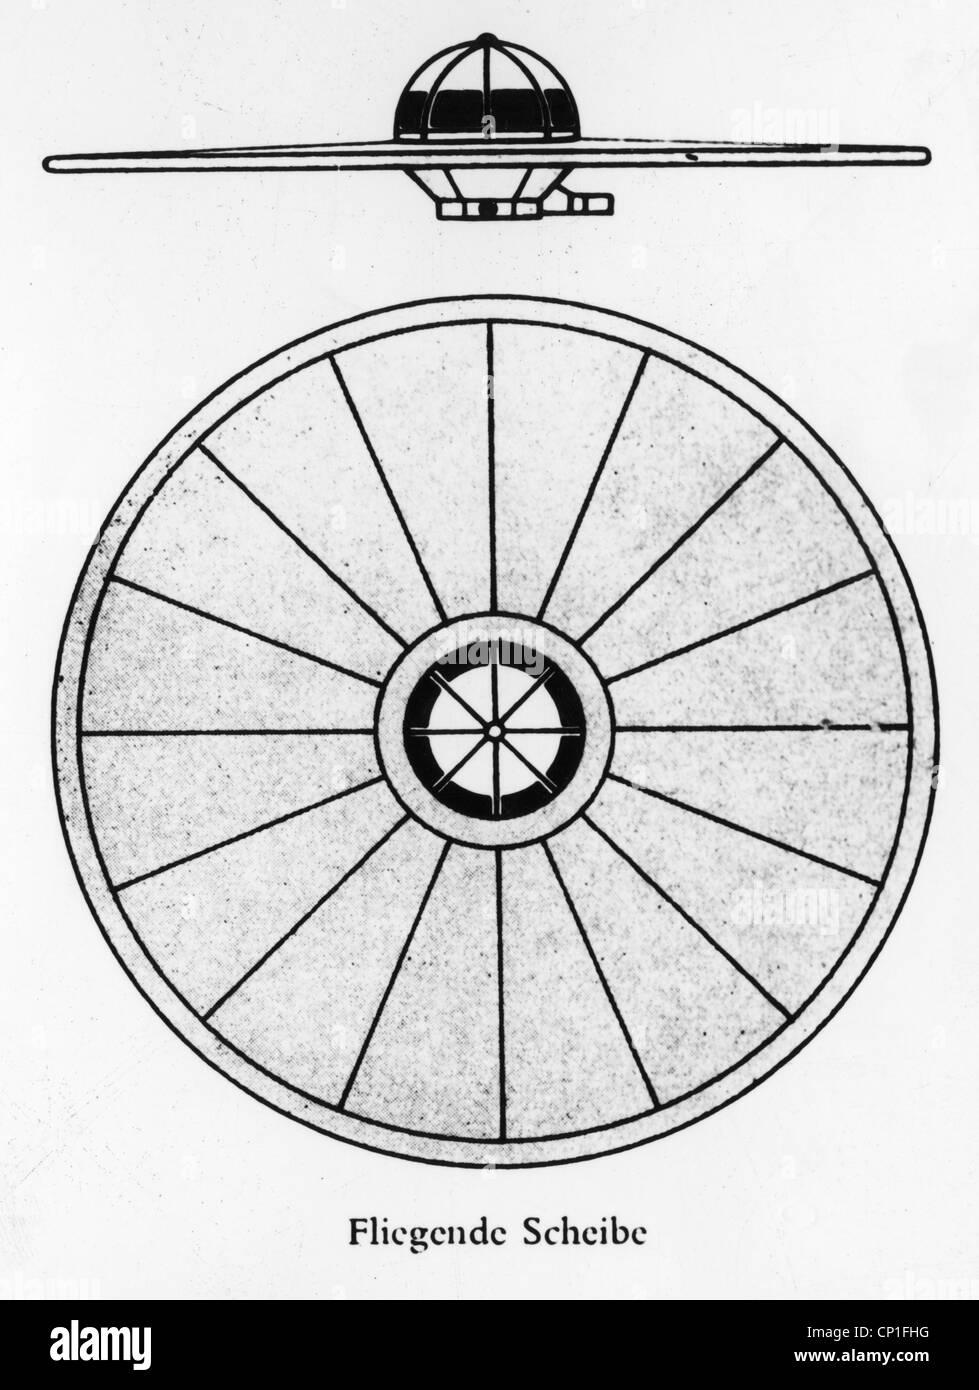 astronautics, UFOs, flying disk, side view and top view, drawing, from the book 'Die deutschen Waffen und Geheimwaffen - Stock Image